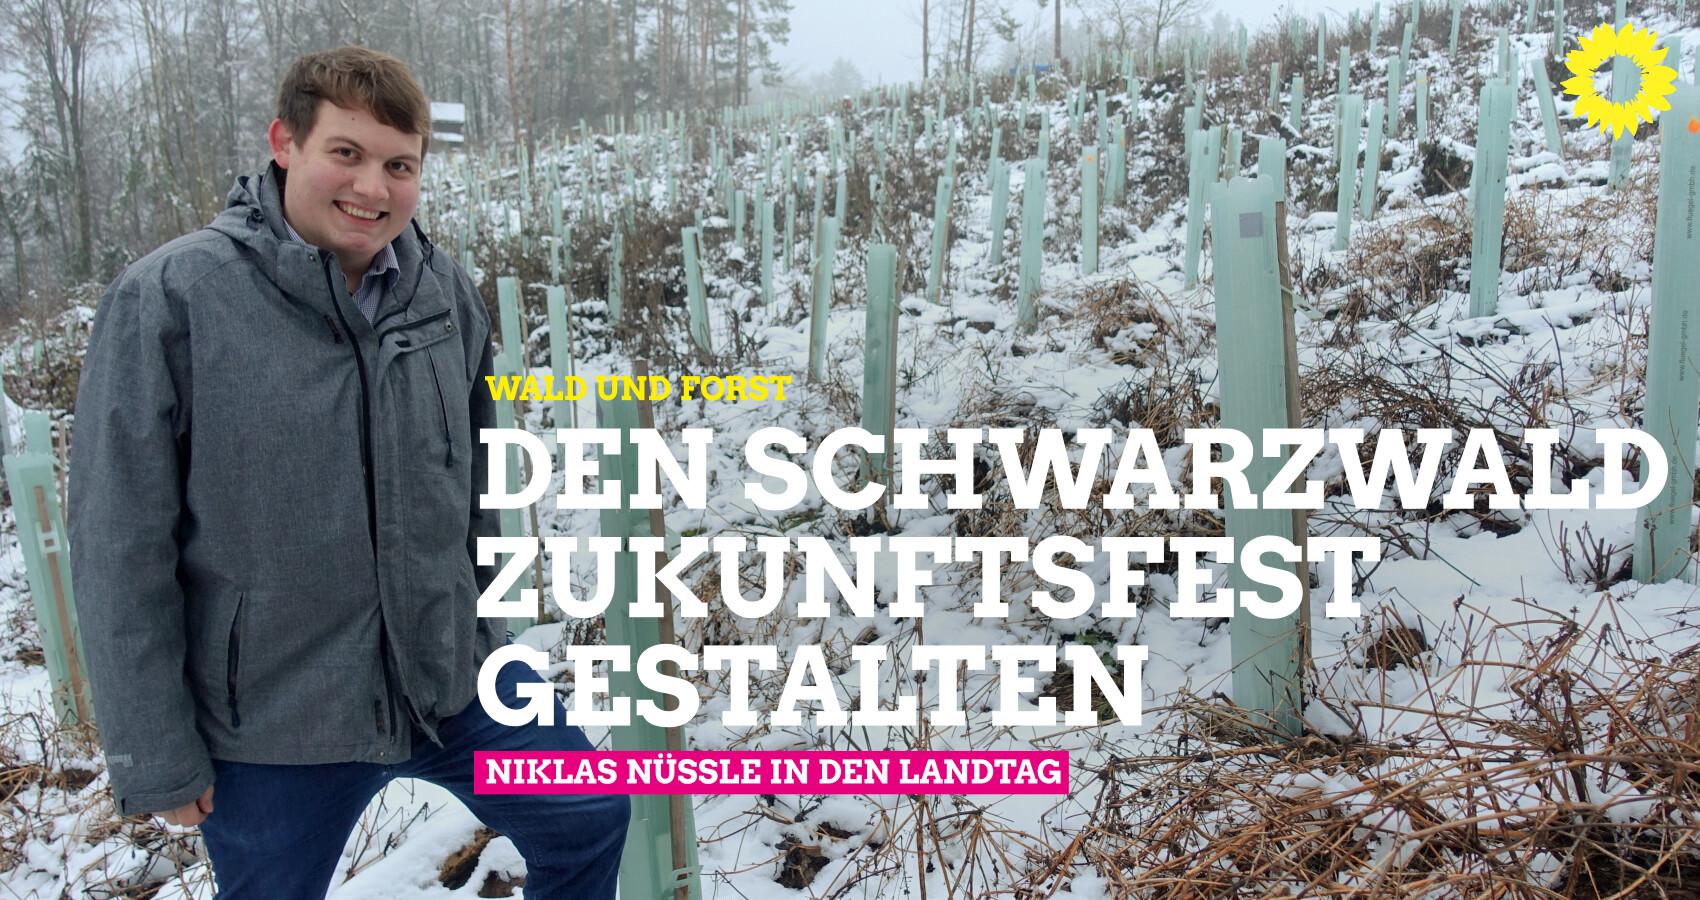 Wald und Forst: Den Schwarzwald zukunftsfest gestalten